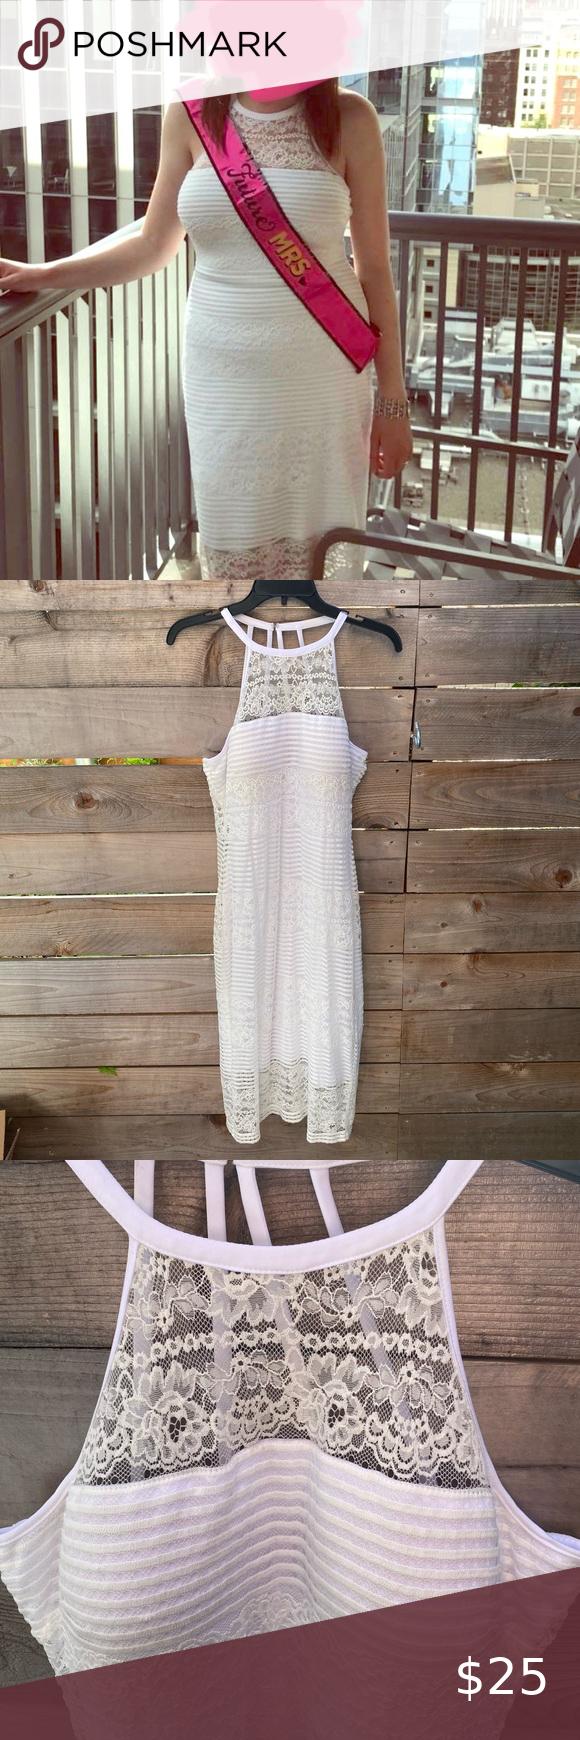 Guess White Lace Party Dress White Lace Party Dress Lace Party Dresses Pretty White Lace Dresses [ 1740 x 580 Pixel ]